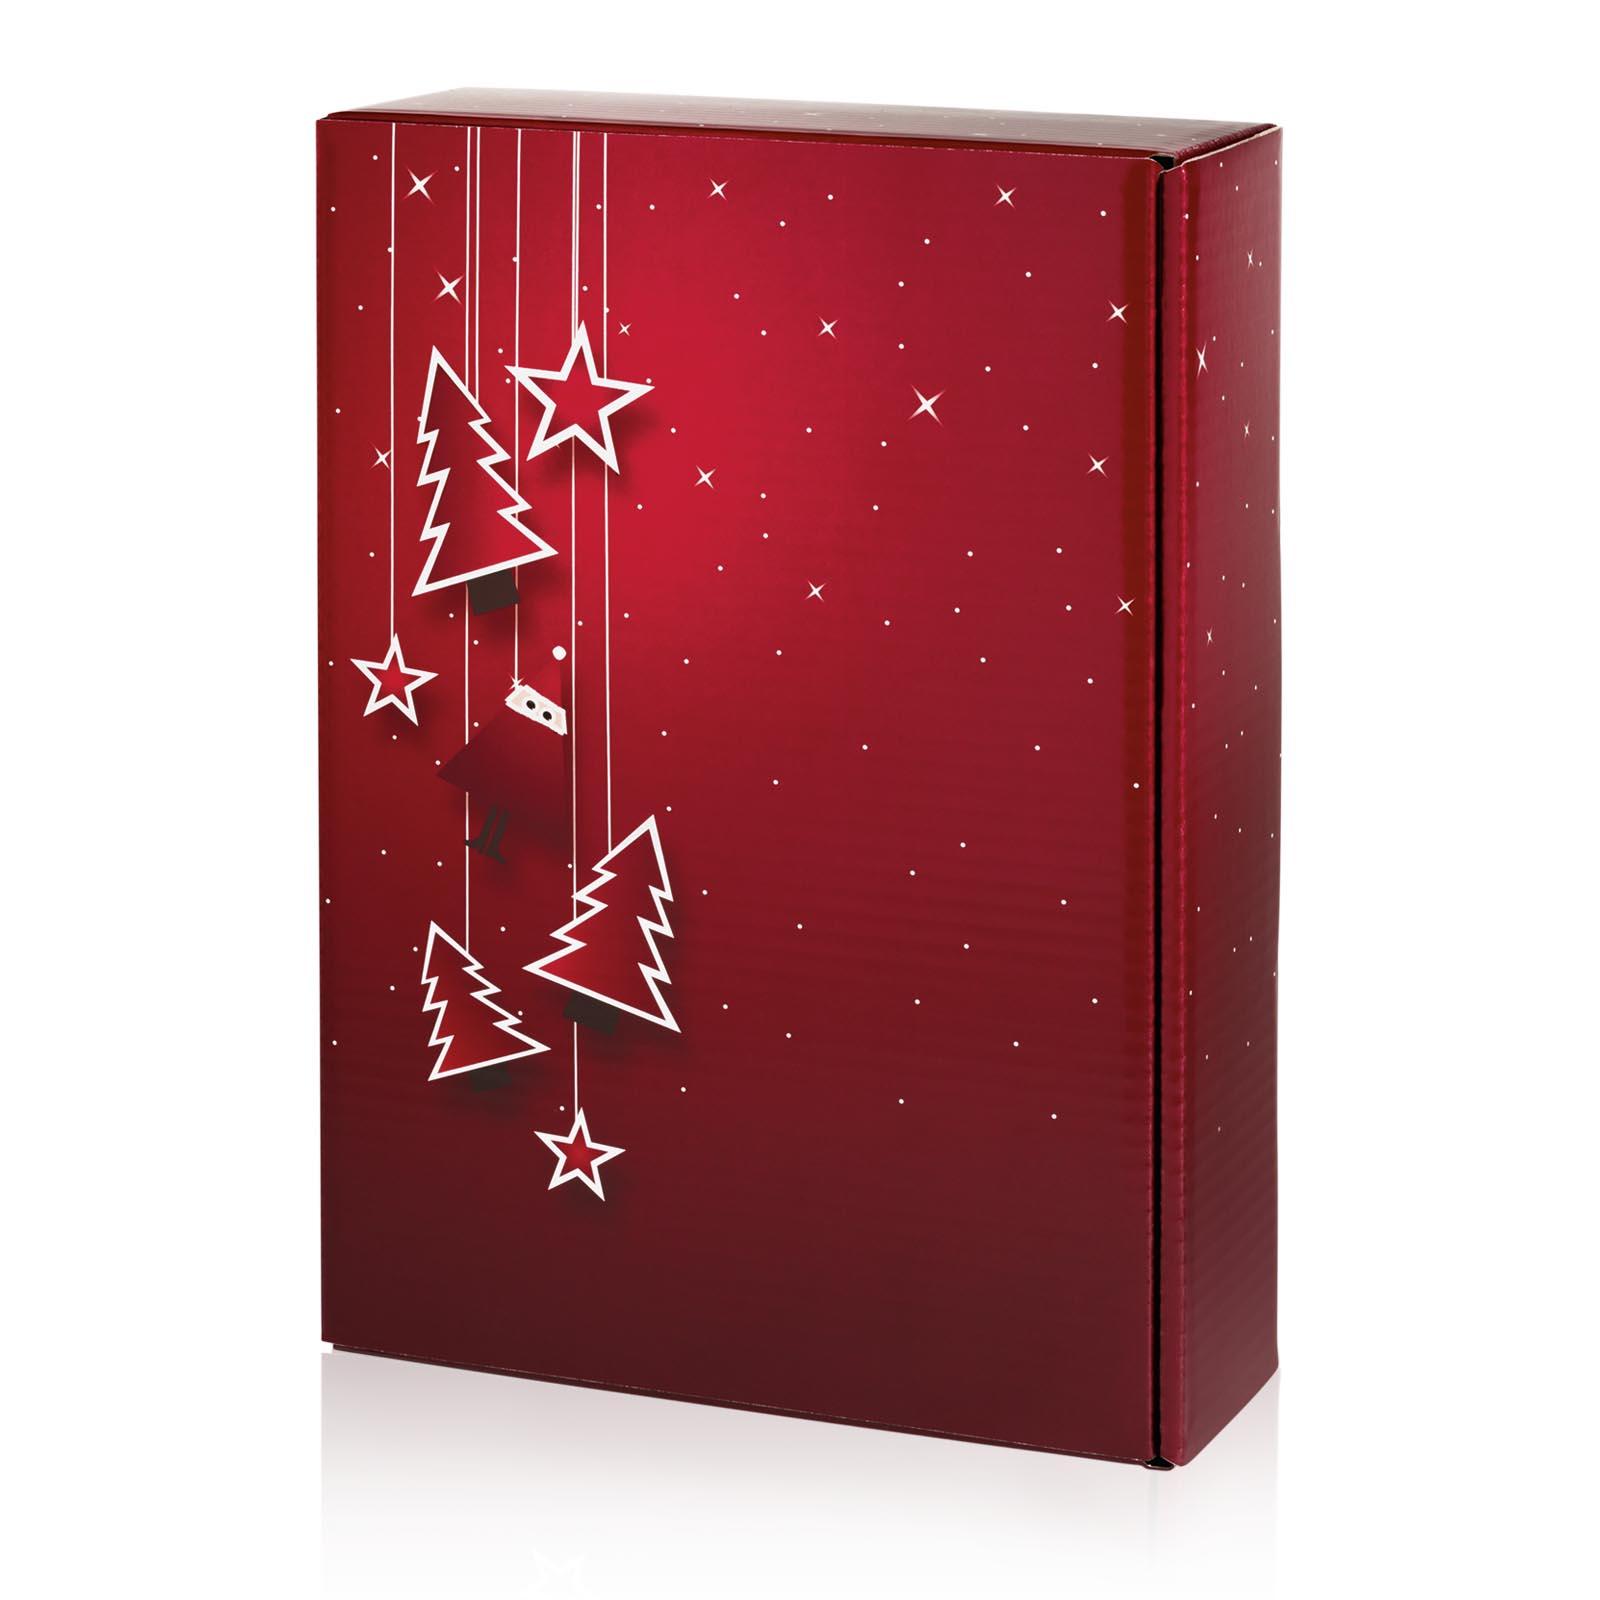 Geschenkkarton Weihnachten.Geschenkkarton Weihnachten Santa Bordeaux 3er Präsentkarton Ve 25 Stck